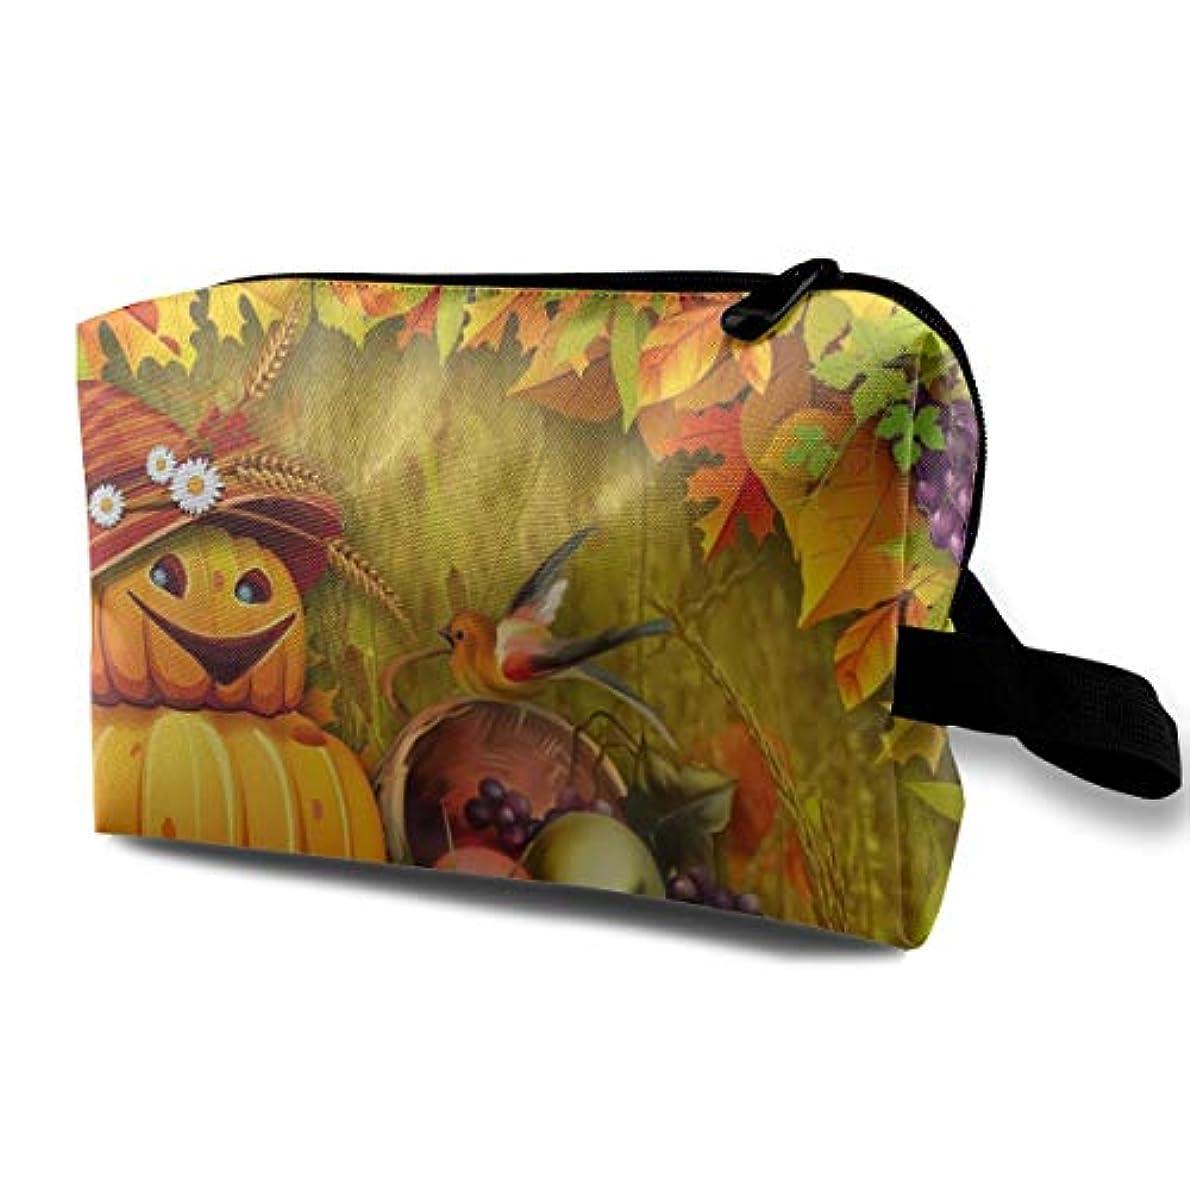 枯渇する半ば頼るAutumn Pumpkin Bright 収納ポーチ 化粧ポーチ 大容量 軽量 耐久性 ハンドル付持ち運び便利。入れ 自宅?出張?旅行?アウトドア撮影などに対応。メンズ レディース トラベルグッズ